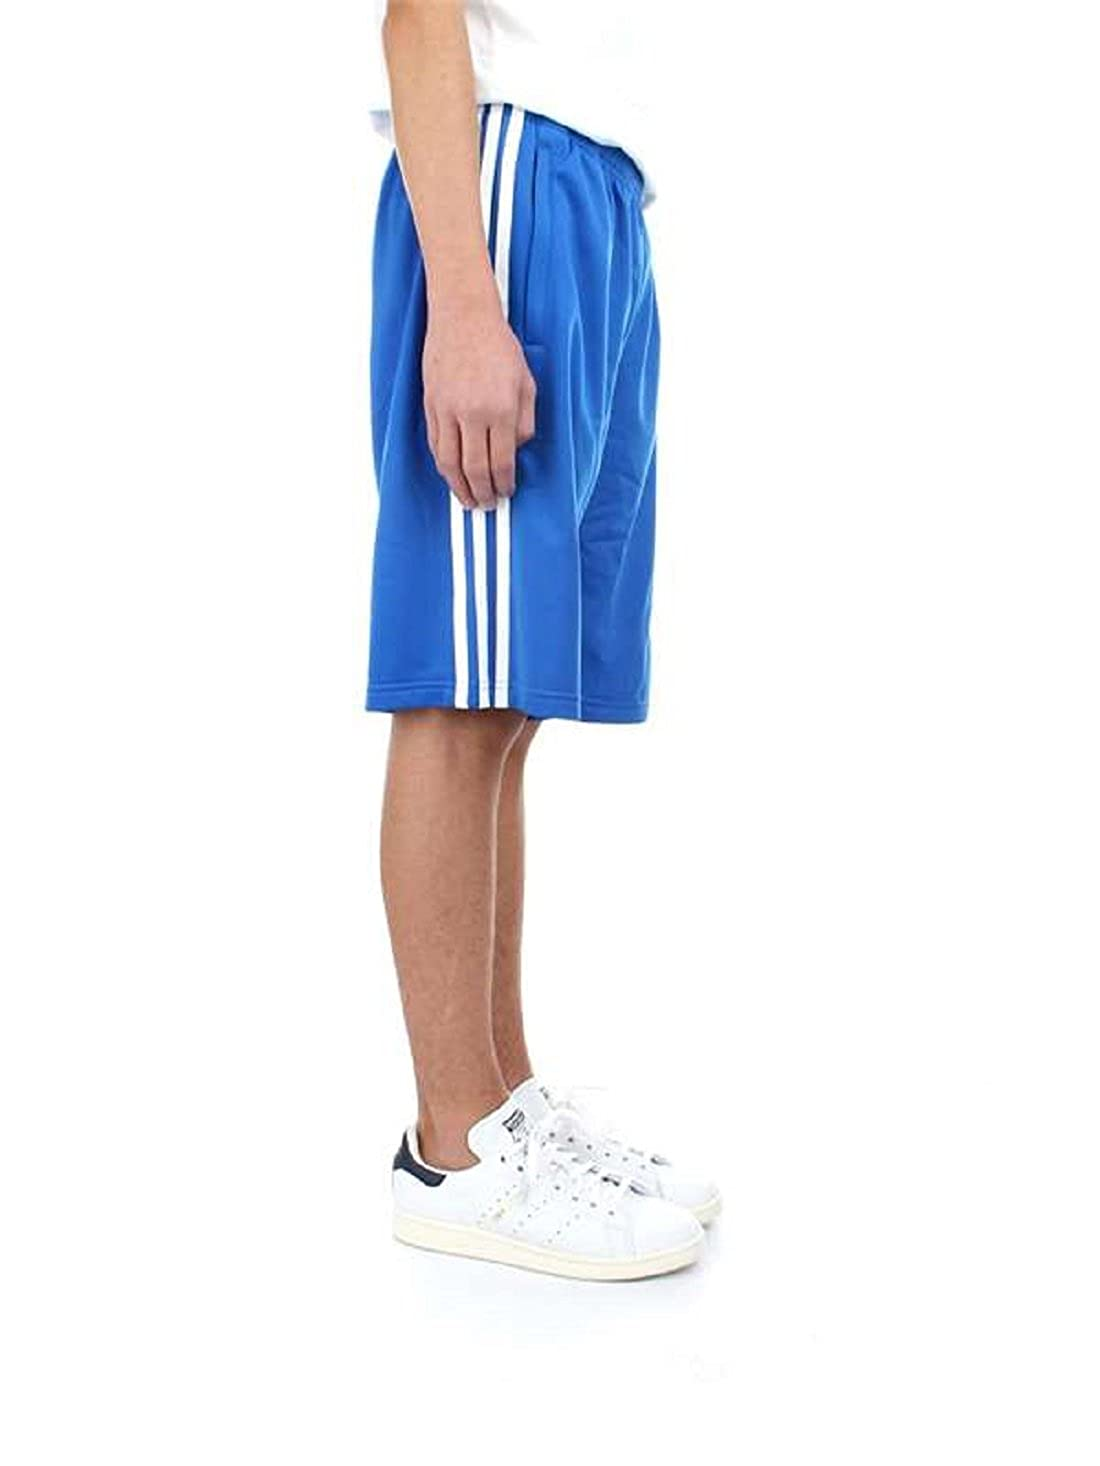 XS, Blue//White adidas Originals Big Boys Originals 3 Stripes Shorts